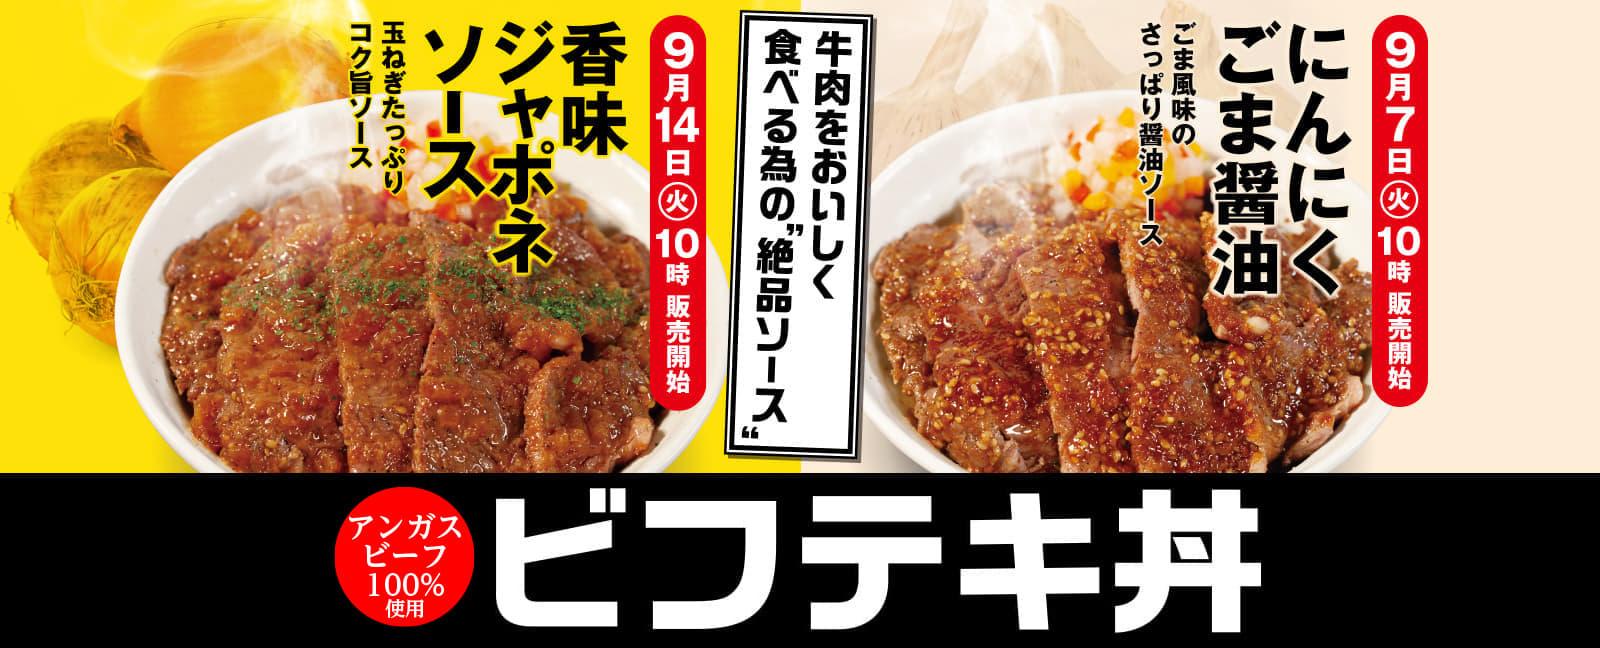 牛肉をおいしく食べる為の絶品ソースビフテキ丼